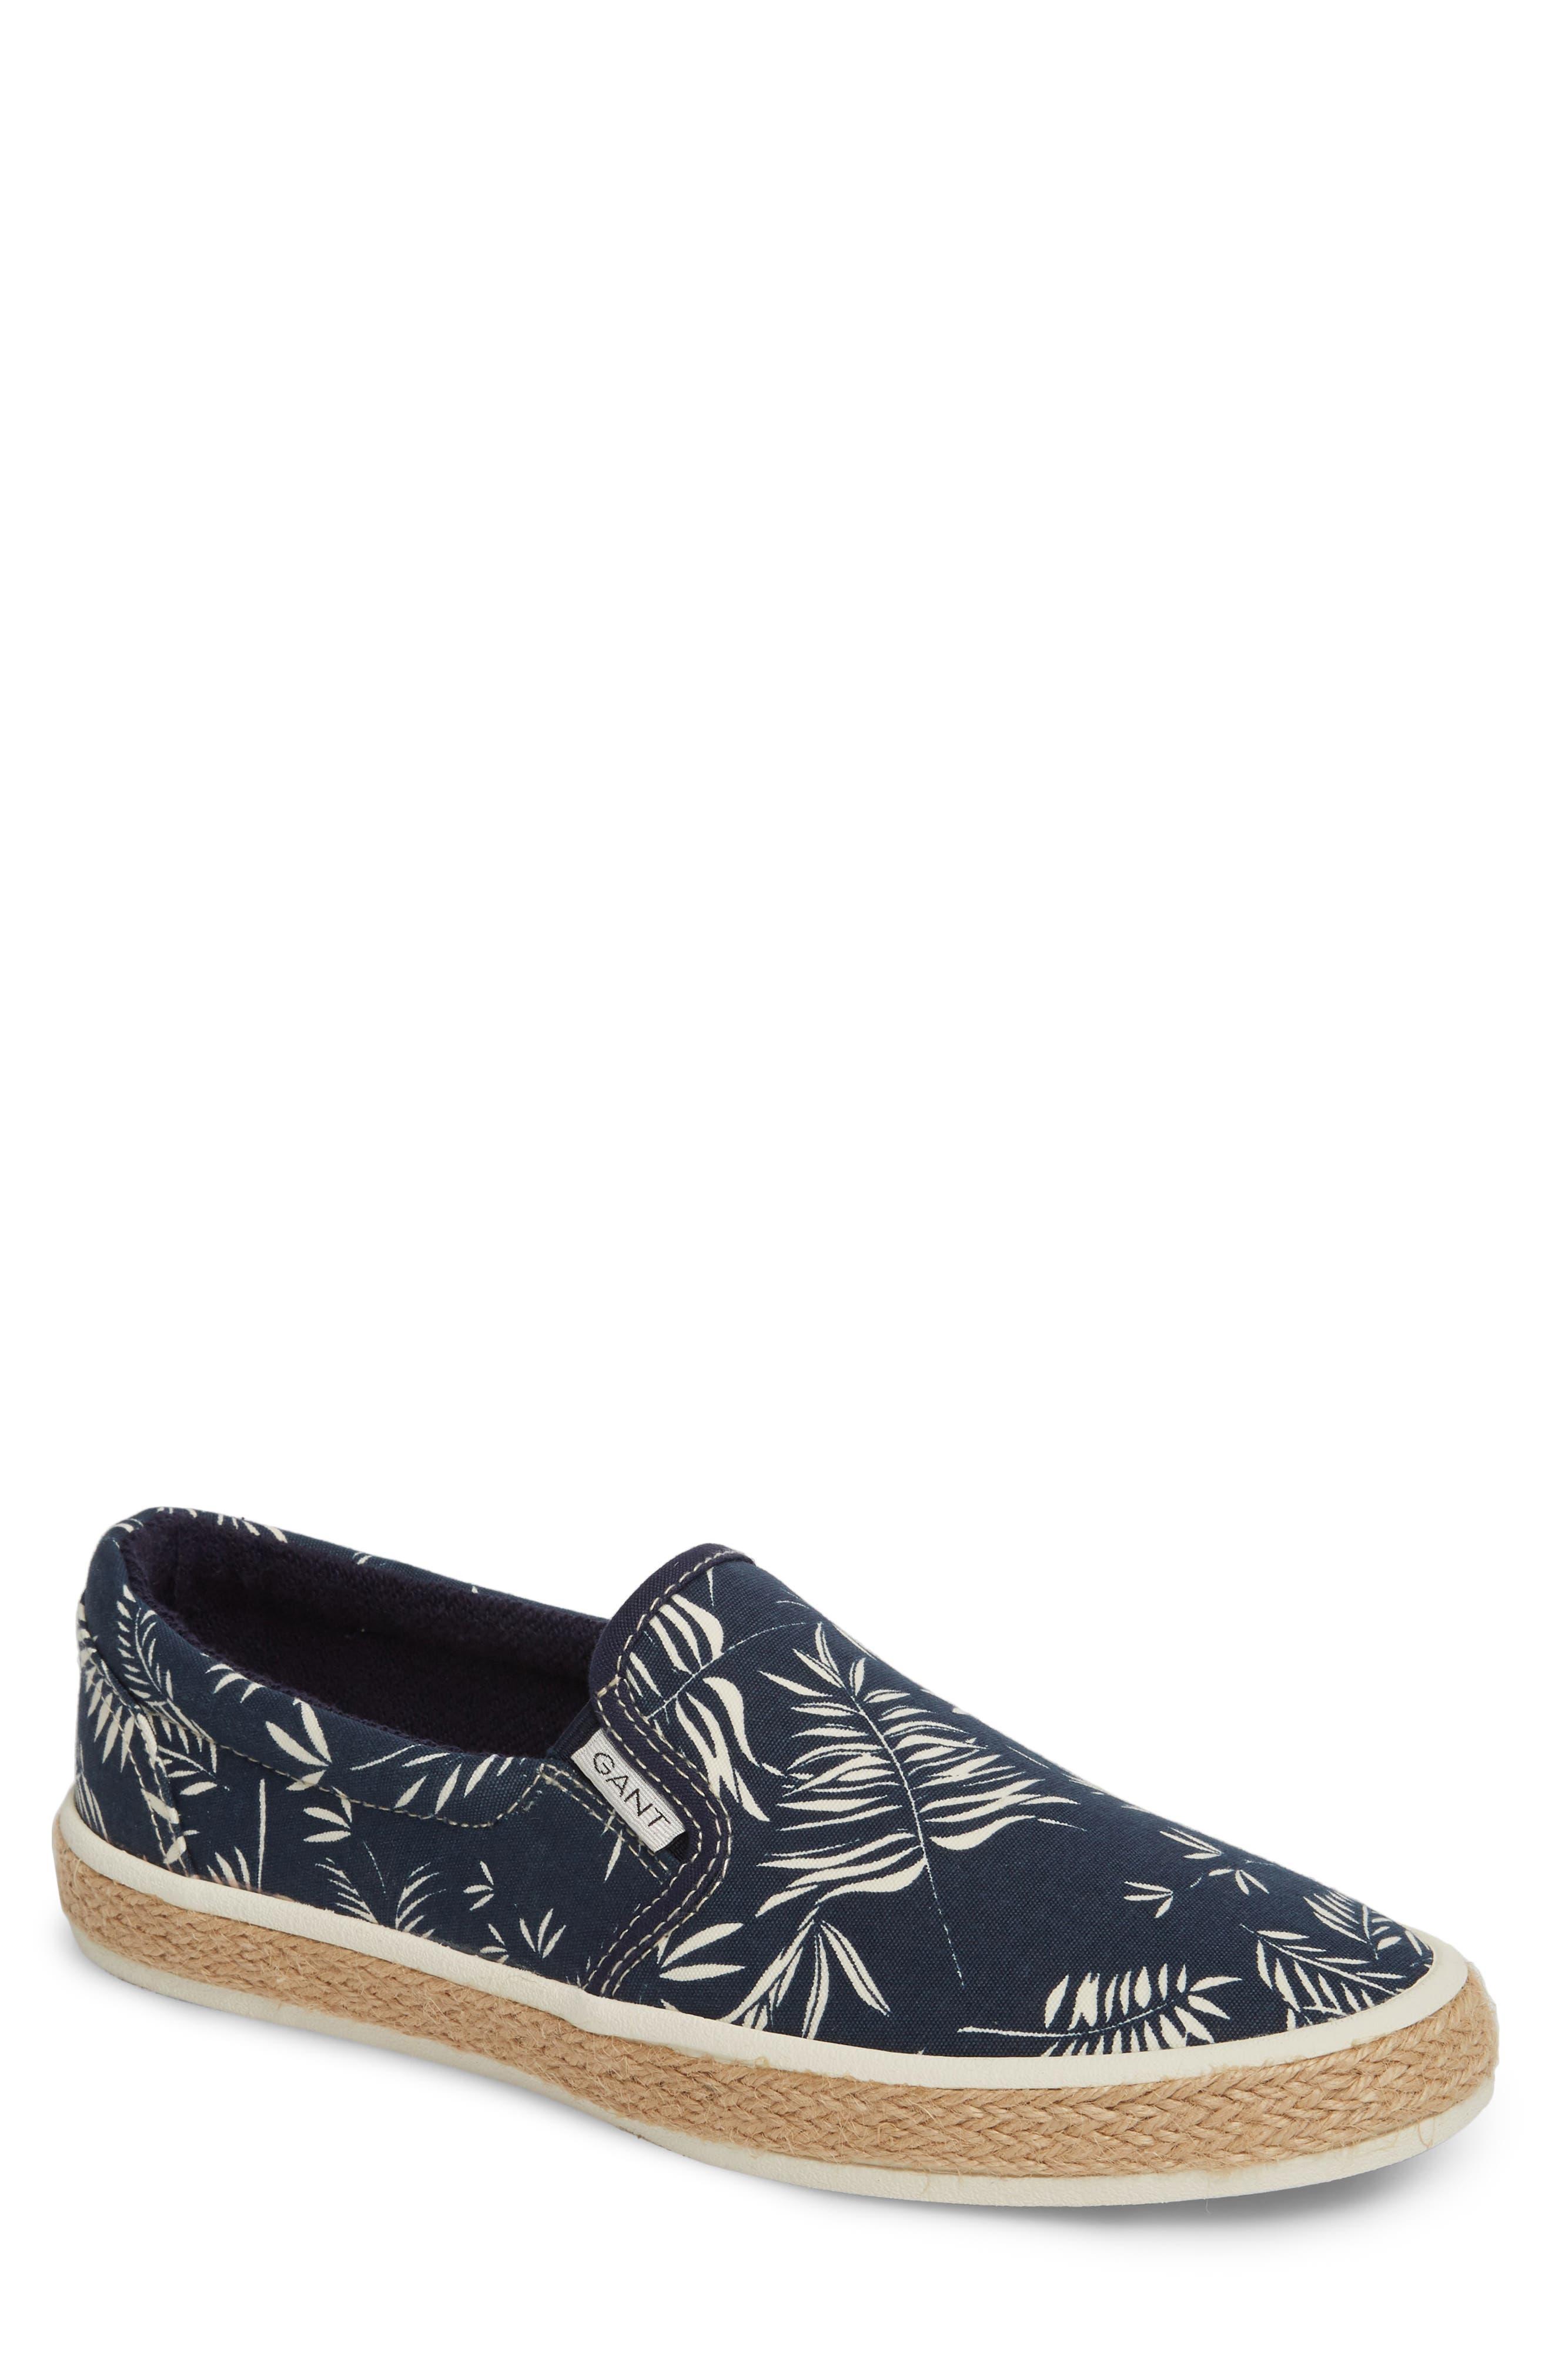 Master Espadrille Slip-On Sneaker,                             Main thumbnail 1, color,                             MULTI BLUE